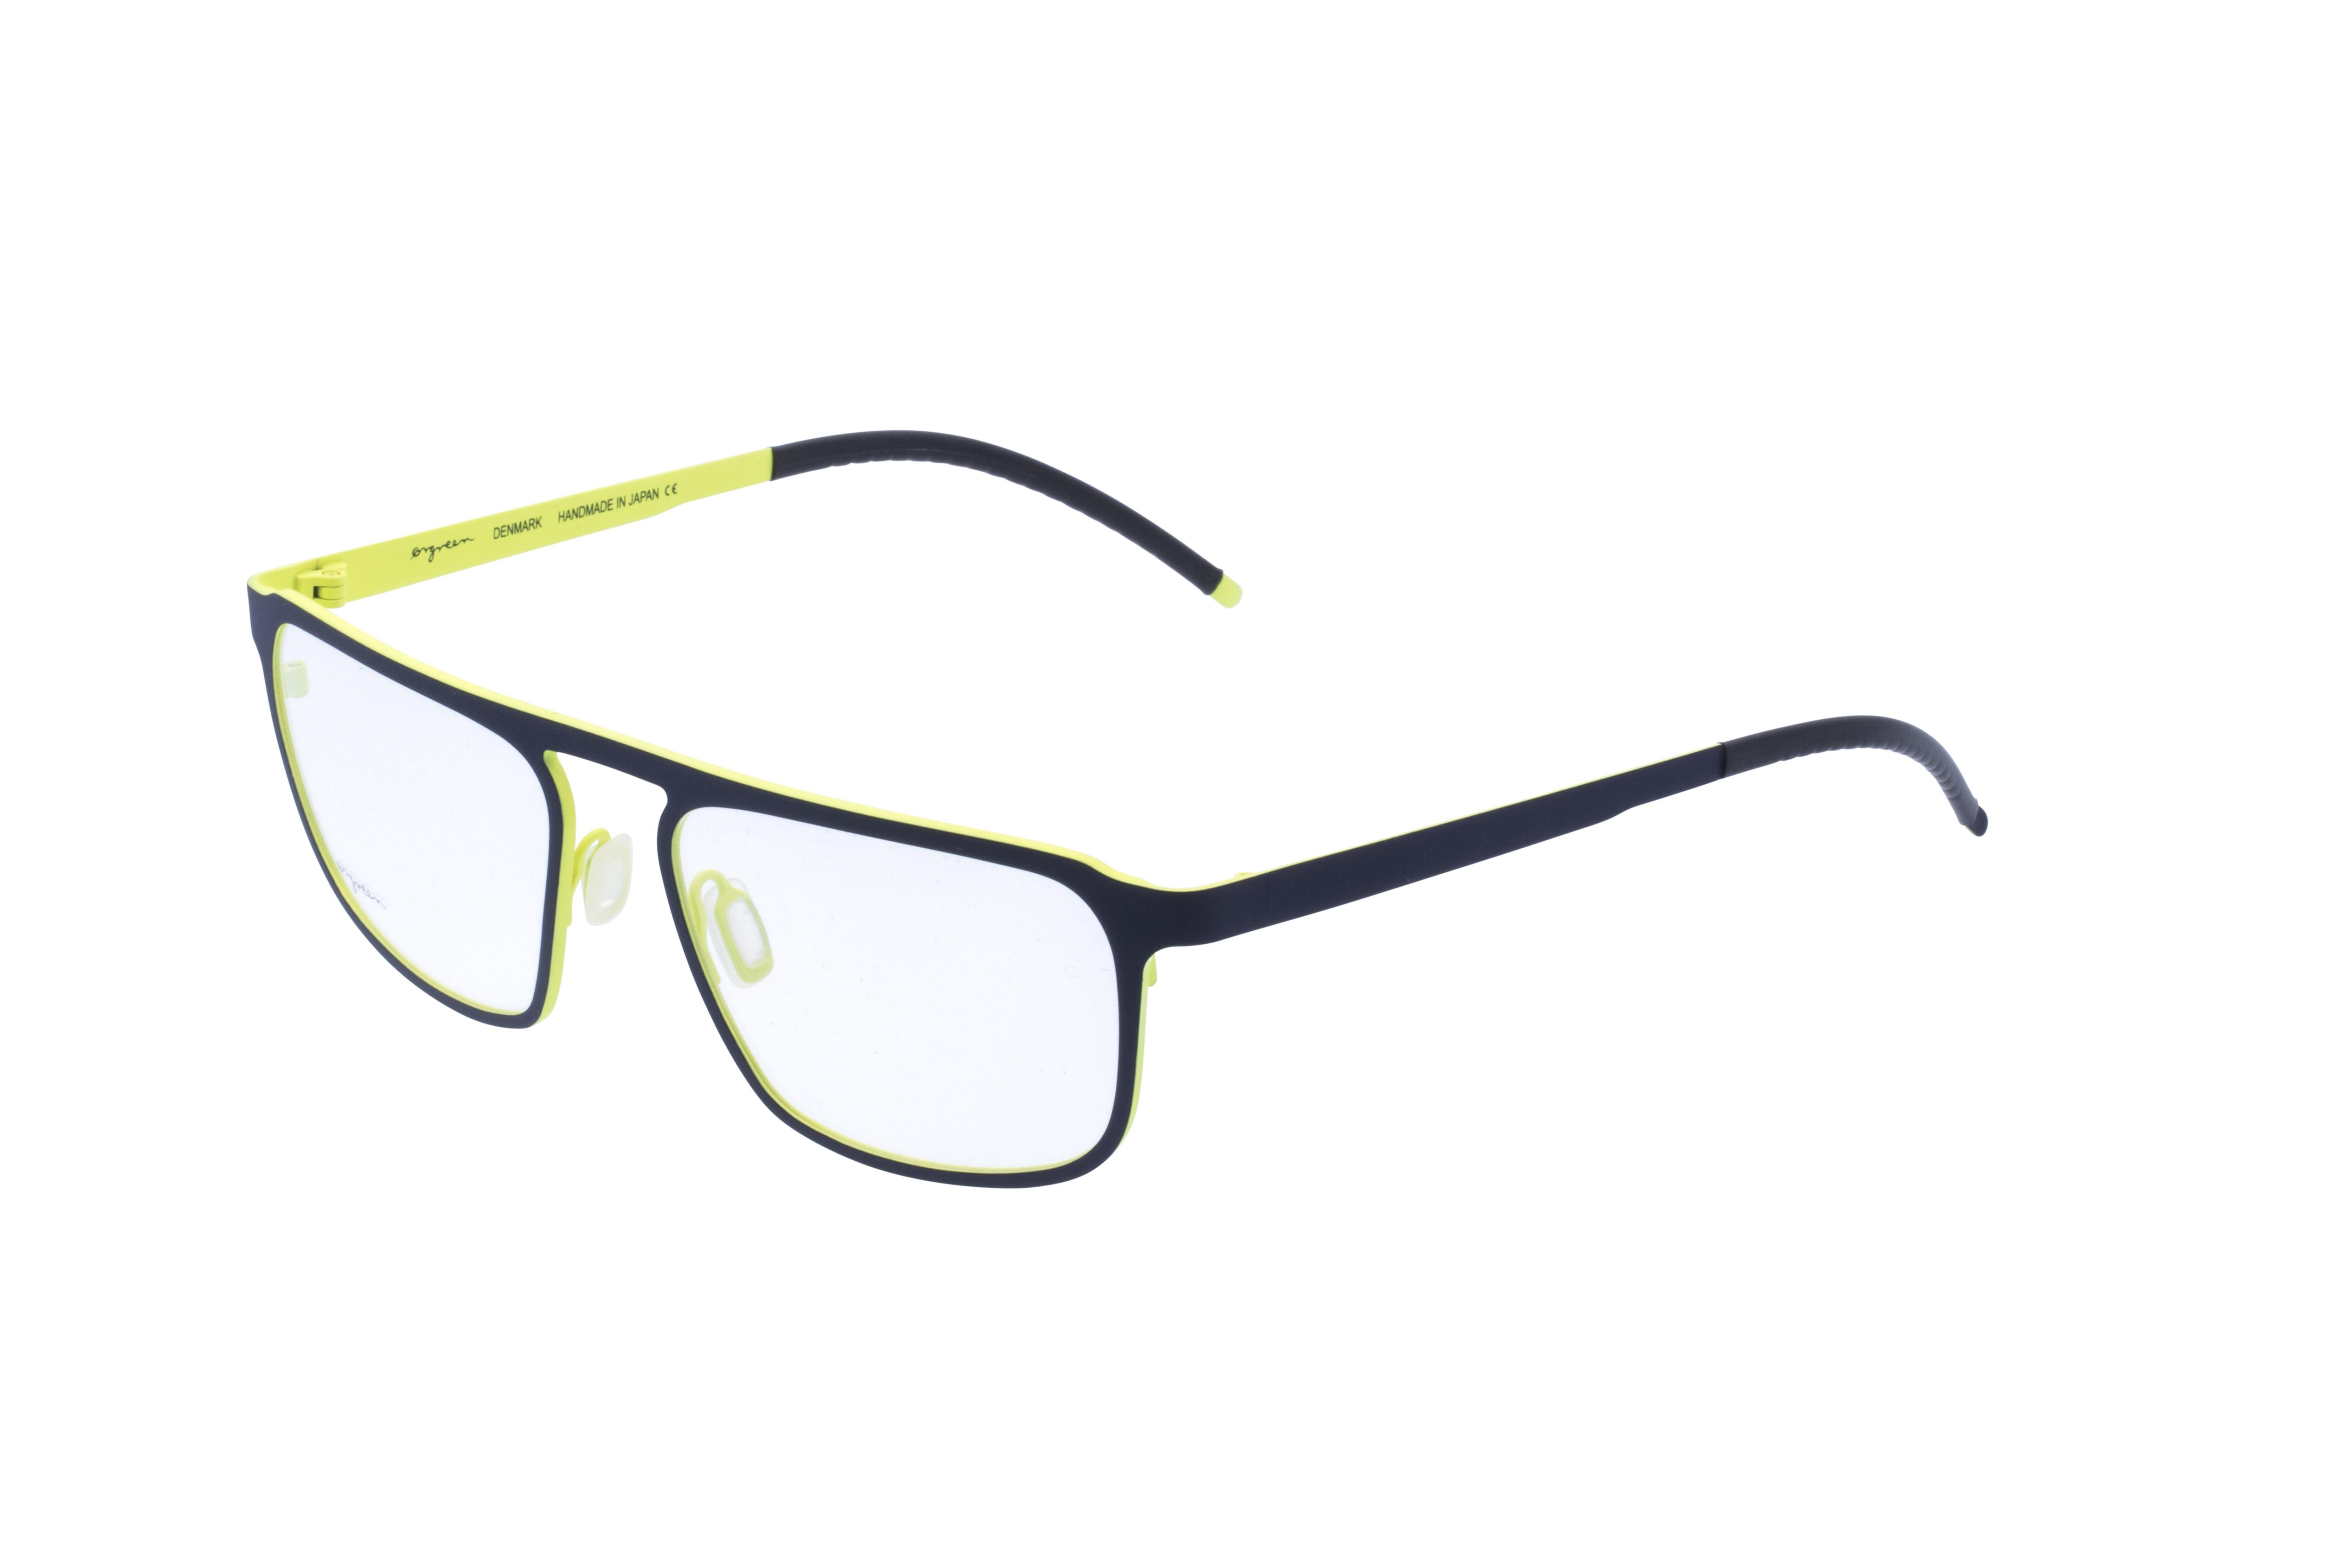 360 Grad Ansicht 21 Orgreen Crow, Brille auf Weiß - Fassung bei KUNK